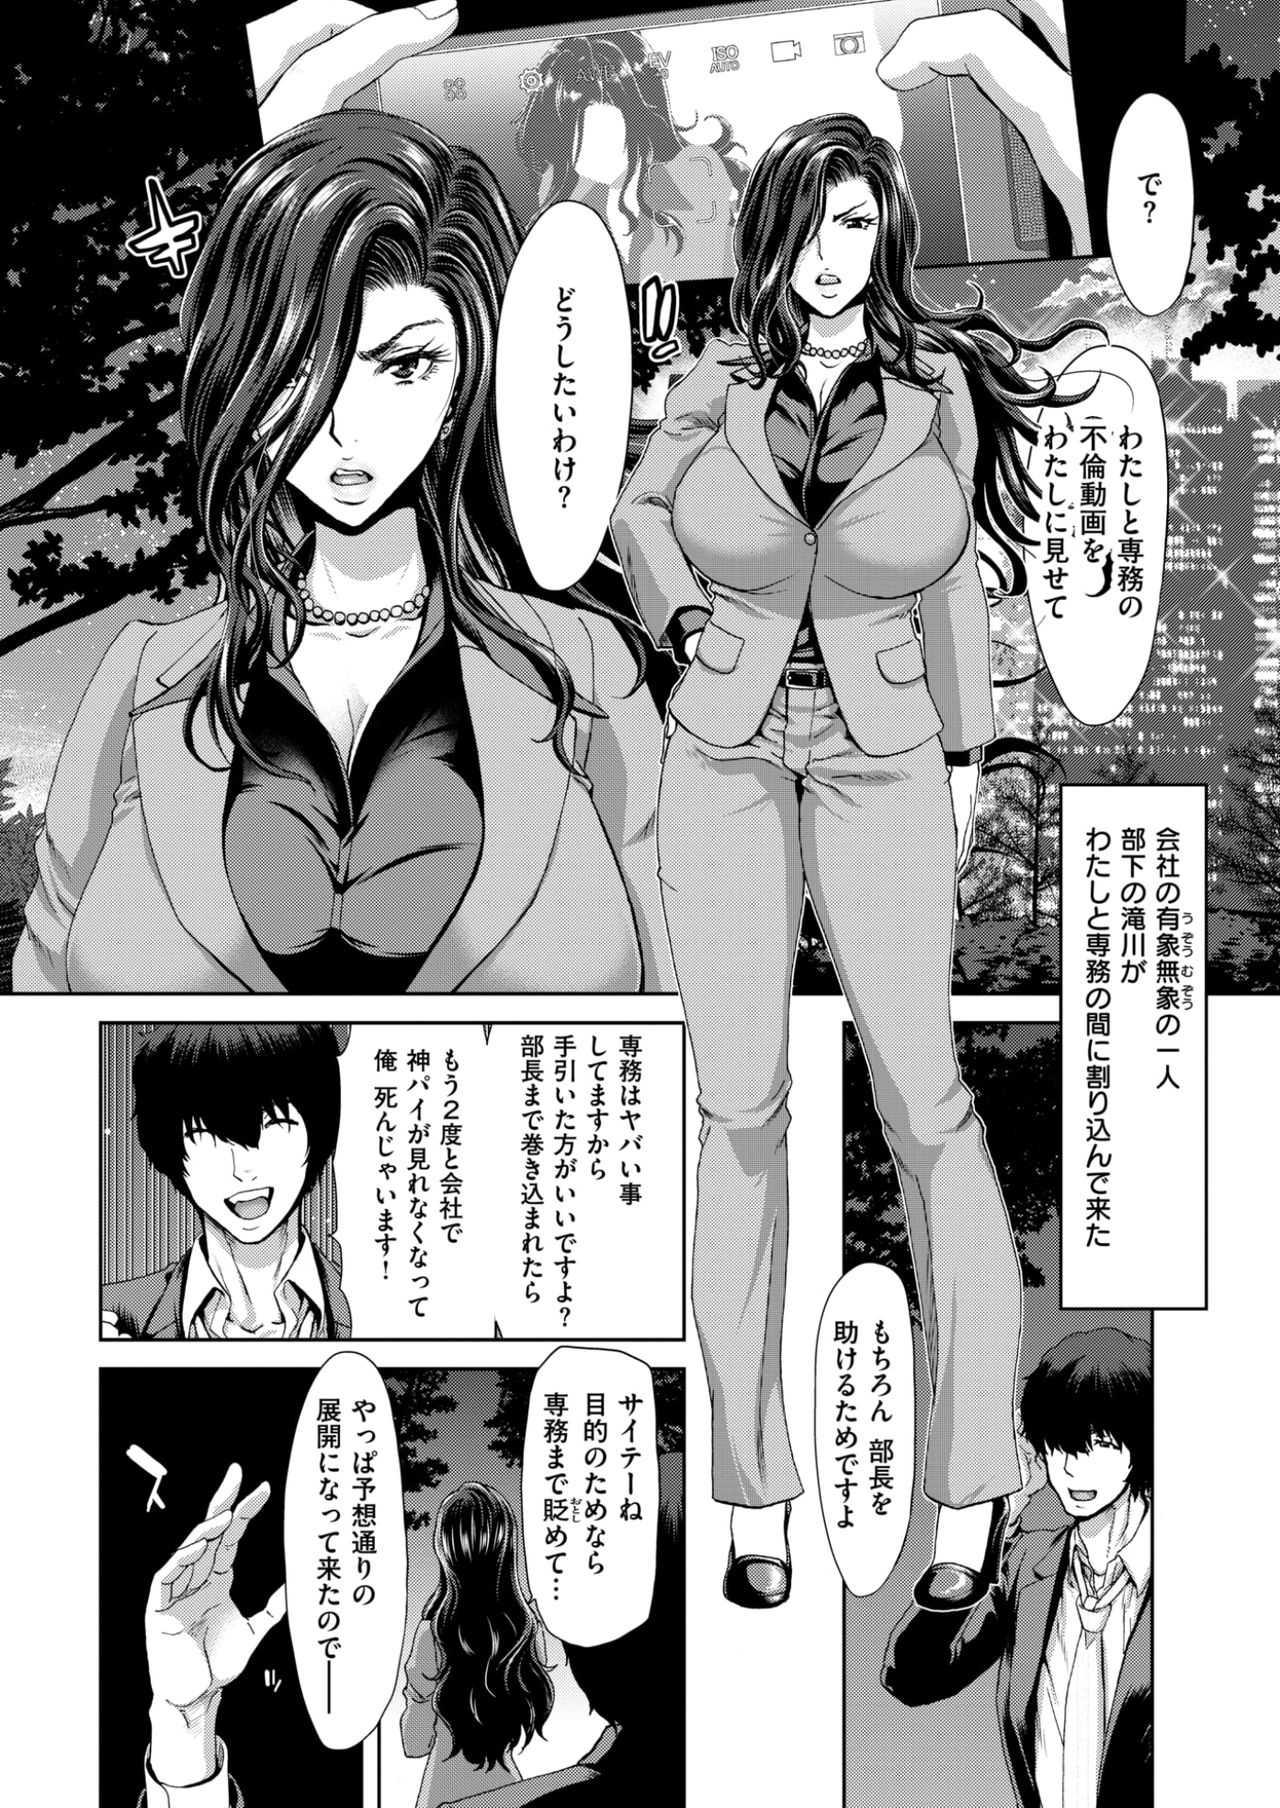 【エロ漫画】専務と不倫中のキャリアウーマンがクズな部下に脅され身体を暴かれるwww